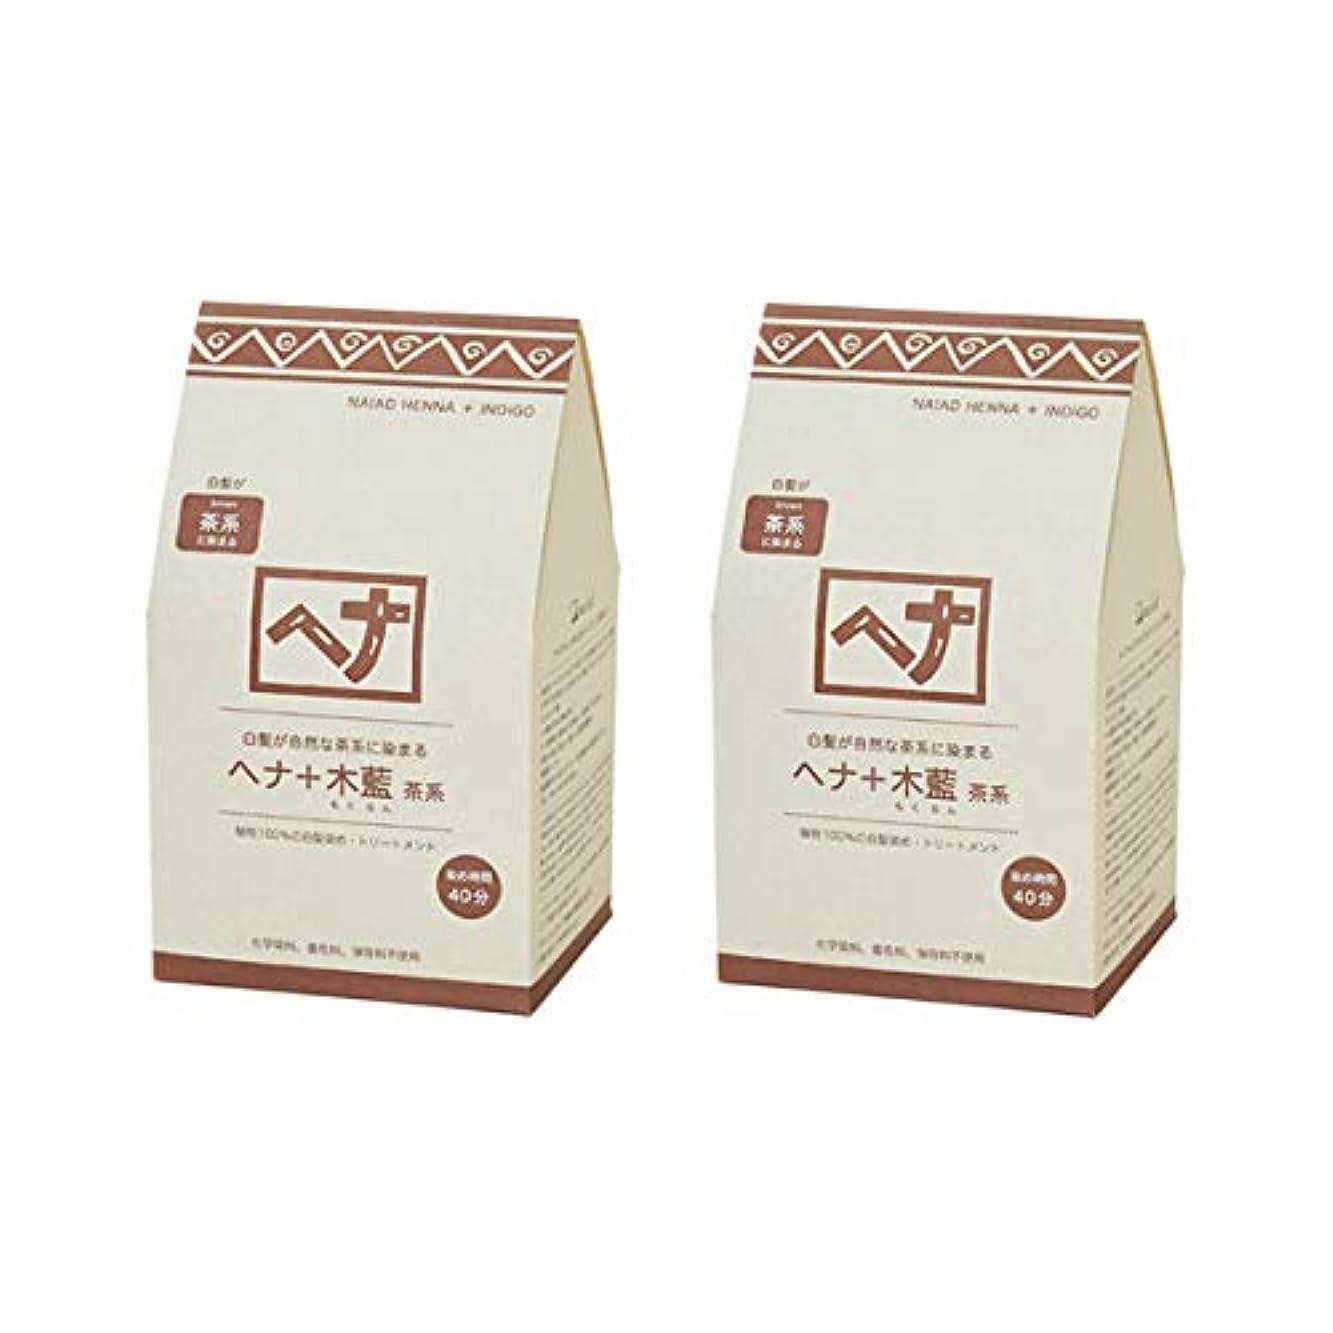 講師七時半小道具ナイアード ヘナ+木藍(茶系)400g(100g×4袋)×2個セット+アレッポの石鹸1個プレゼント